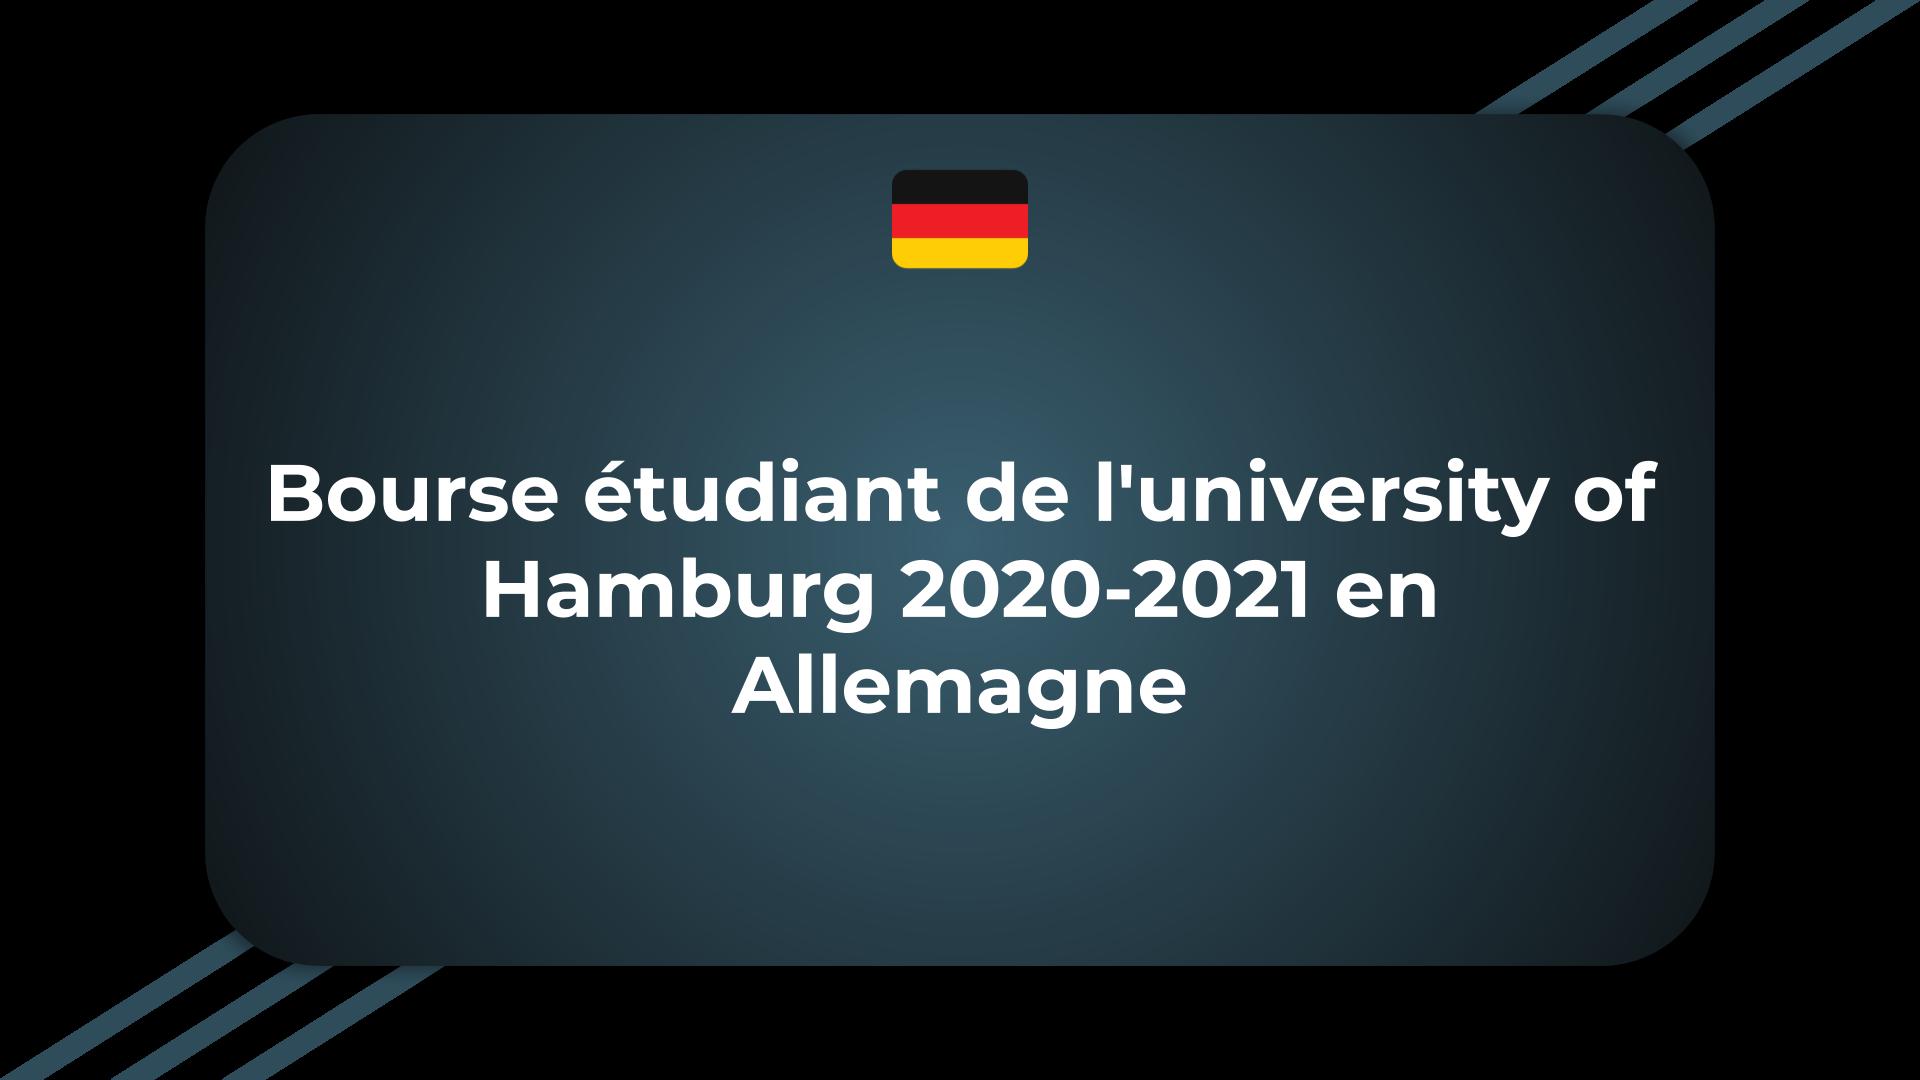 Bourse étudiant de l'university of Hamburg